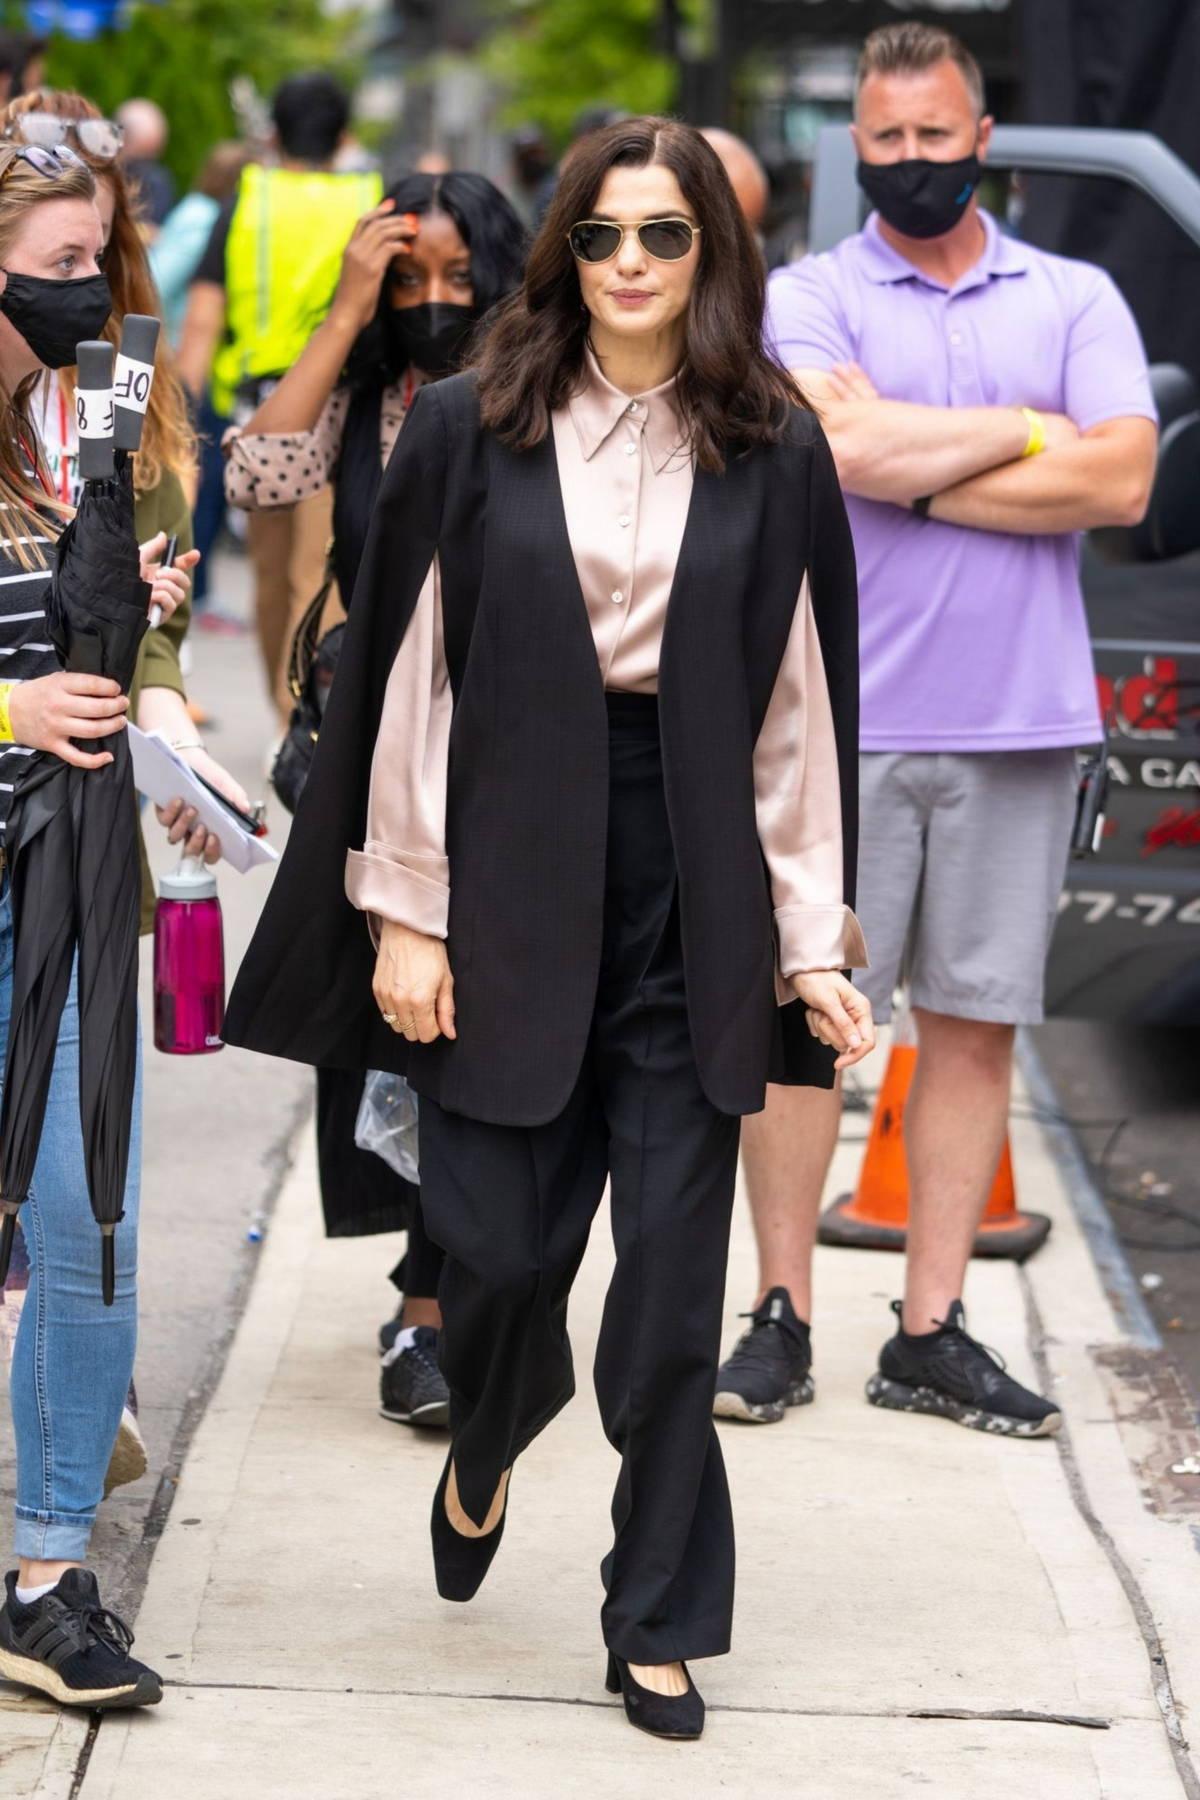 Rachel Weisz seen filming 'Dead Ringers' in Chelsea, New York City